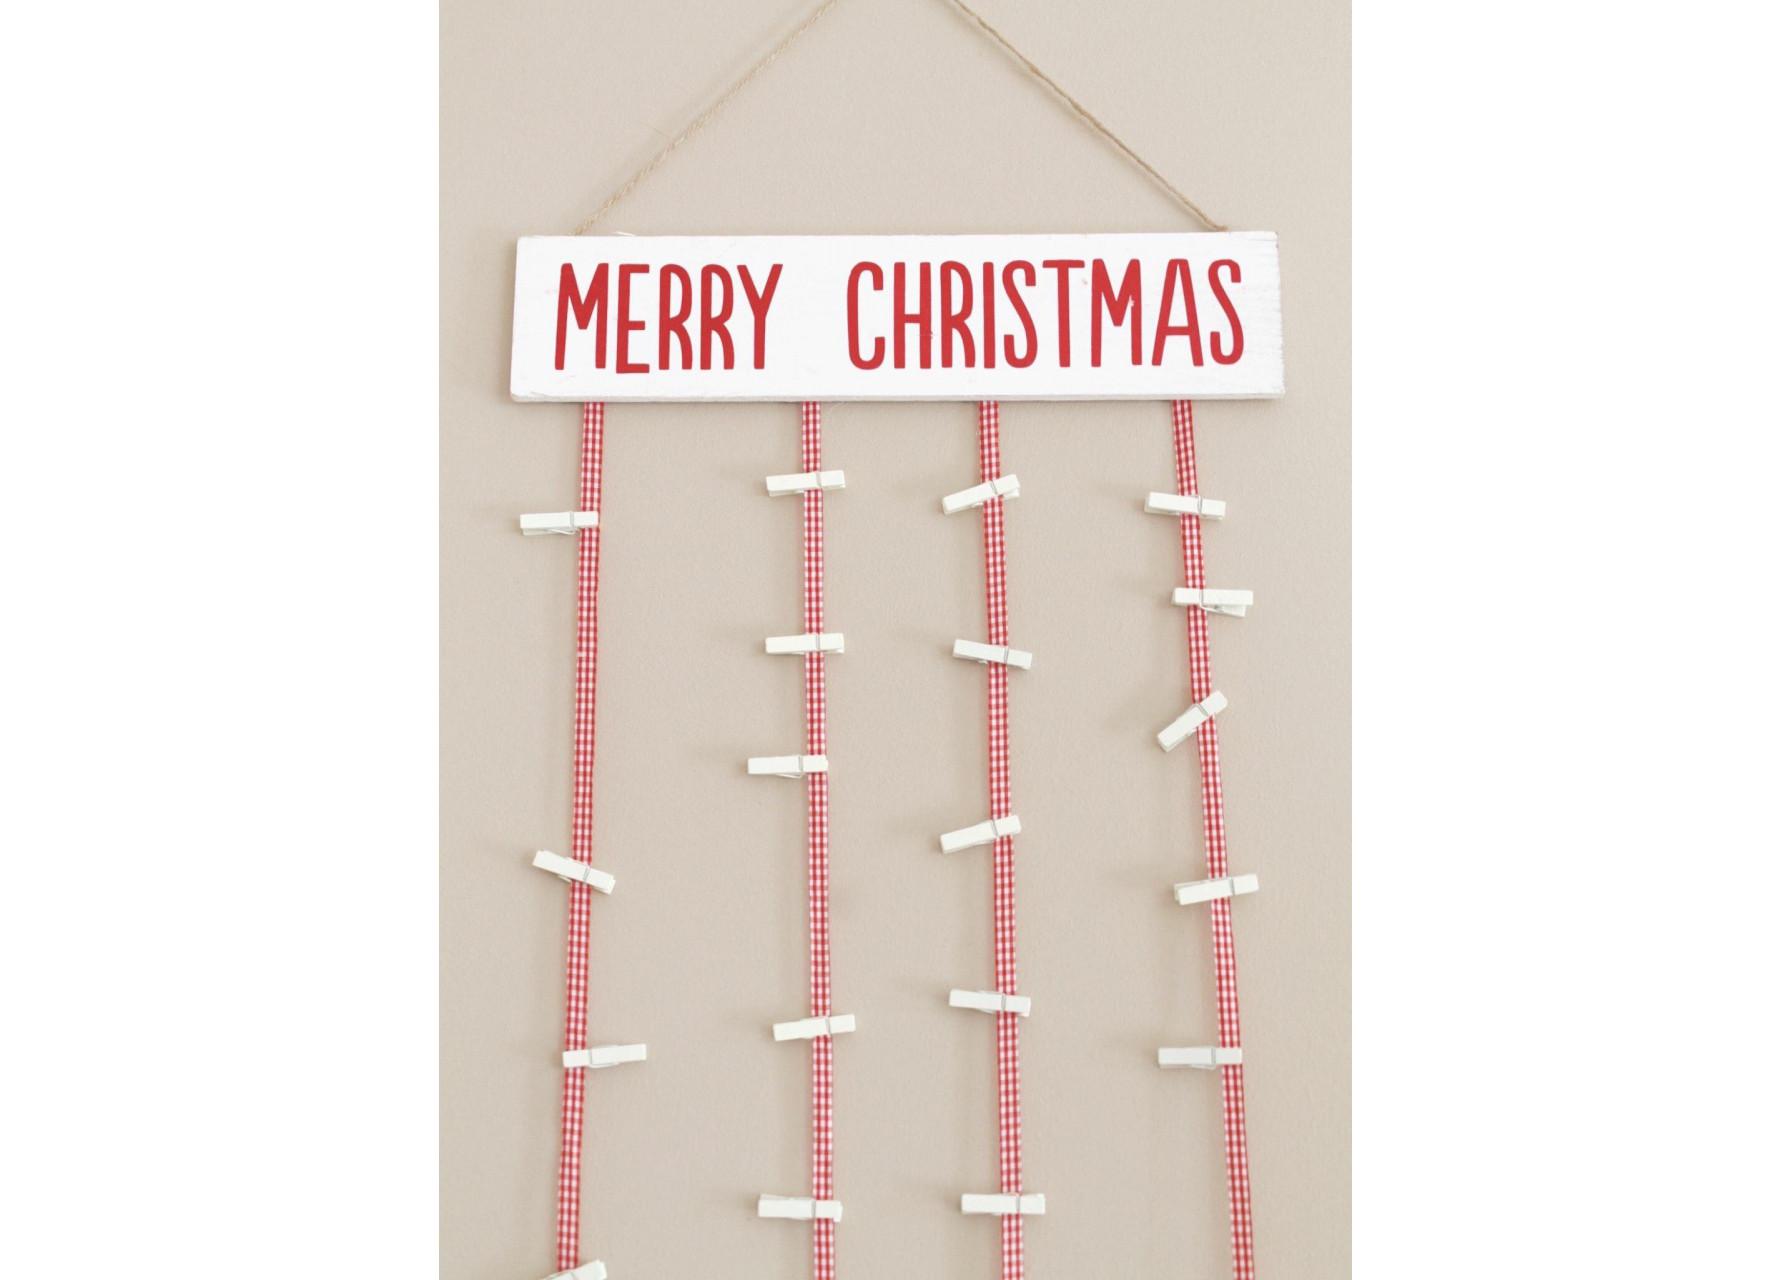 Χριστουγεννιάτικη πινακίδα ευχών